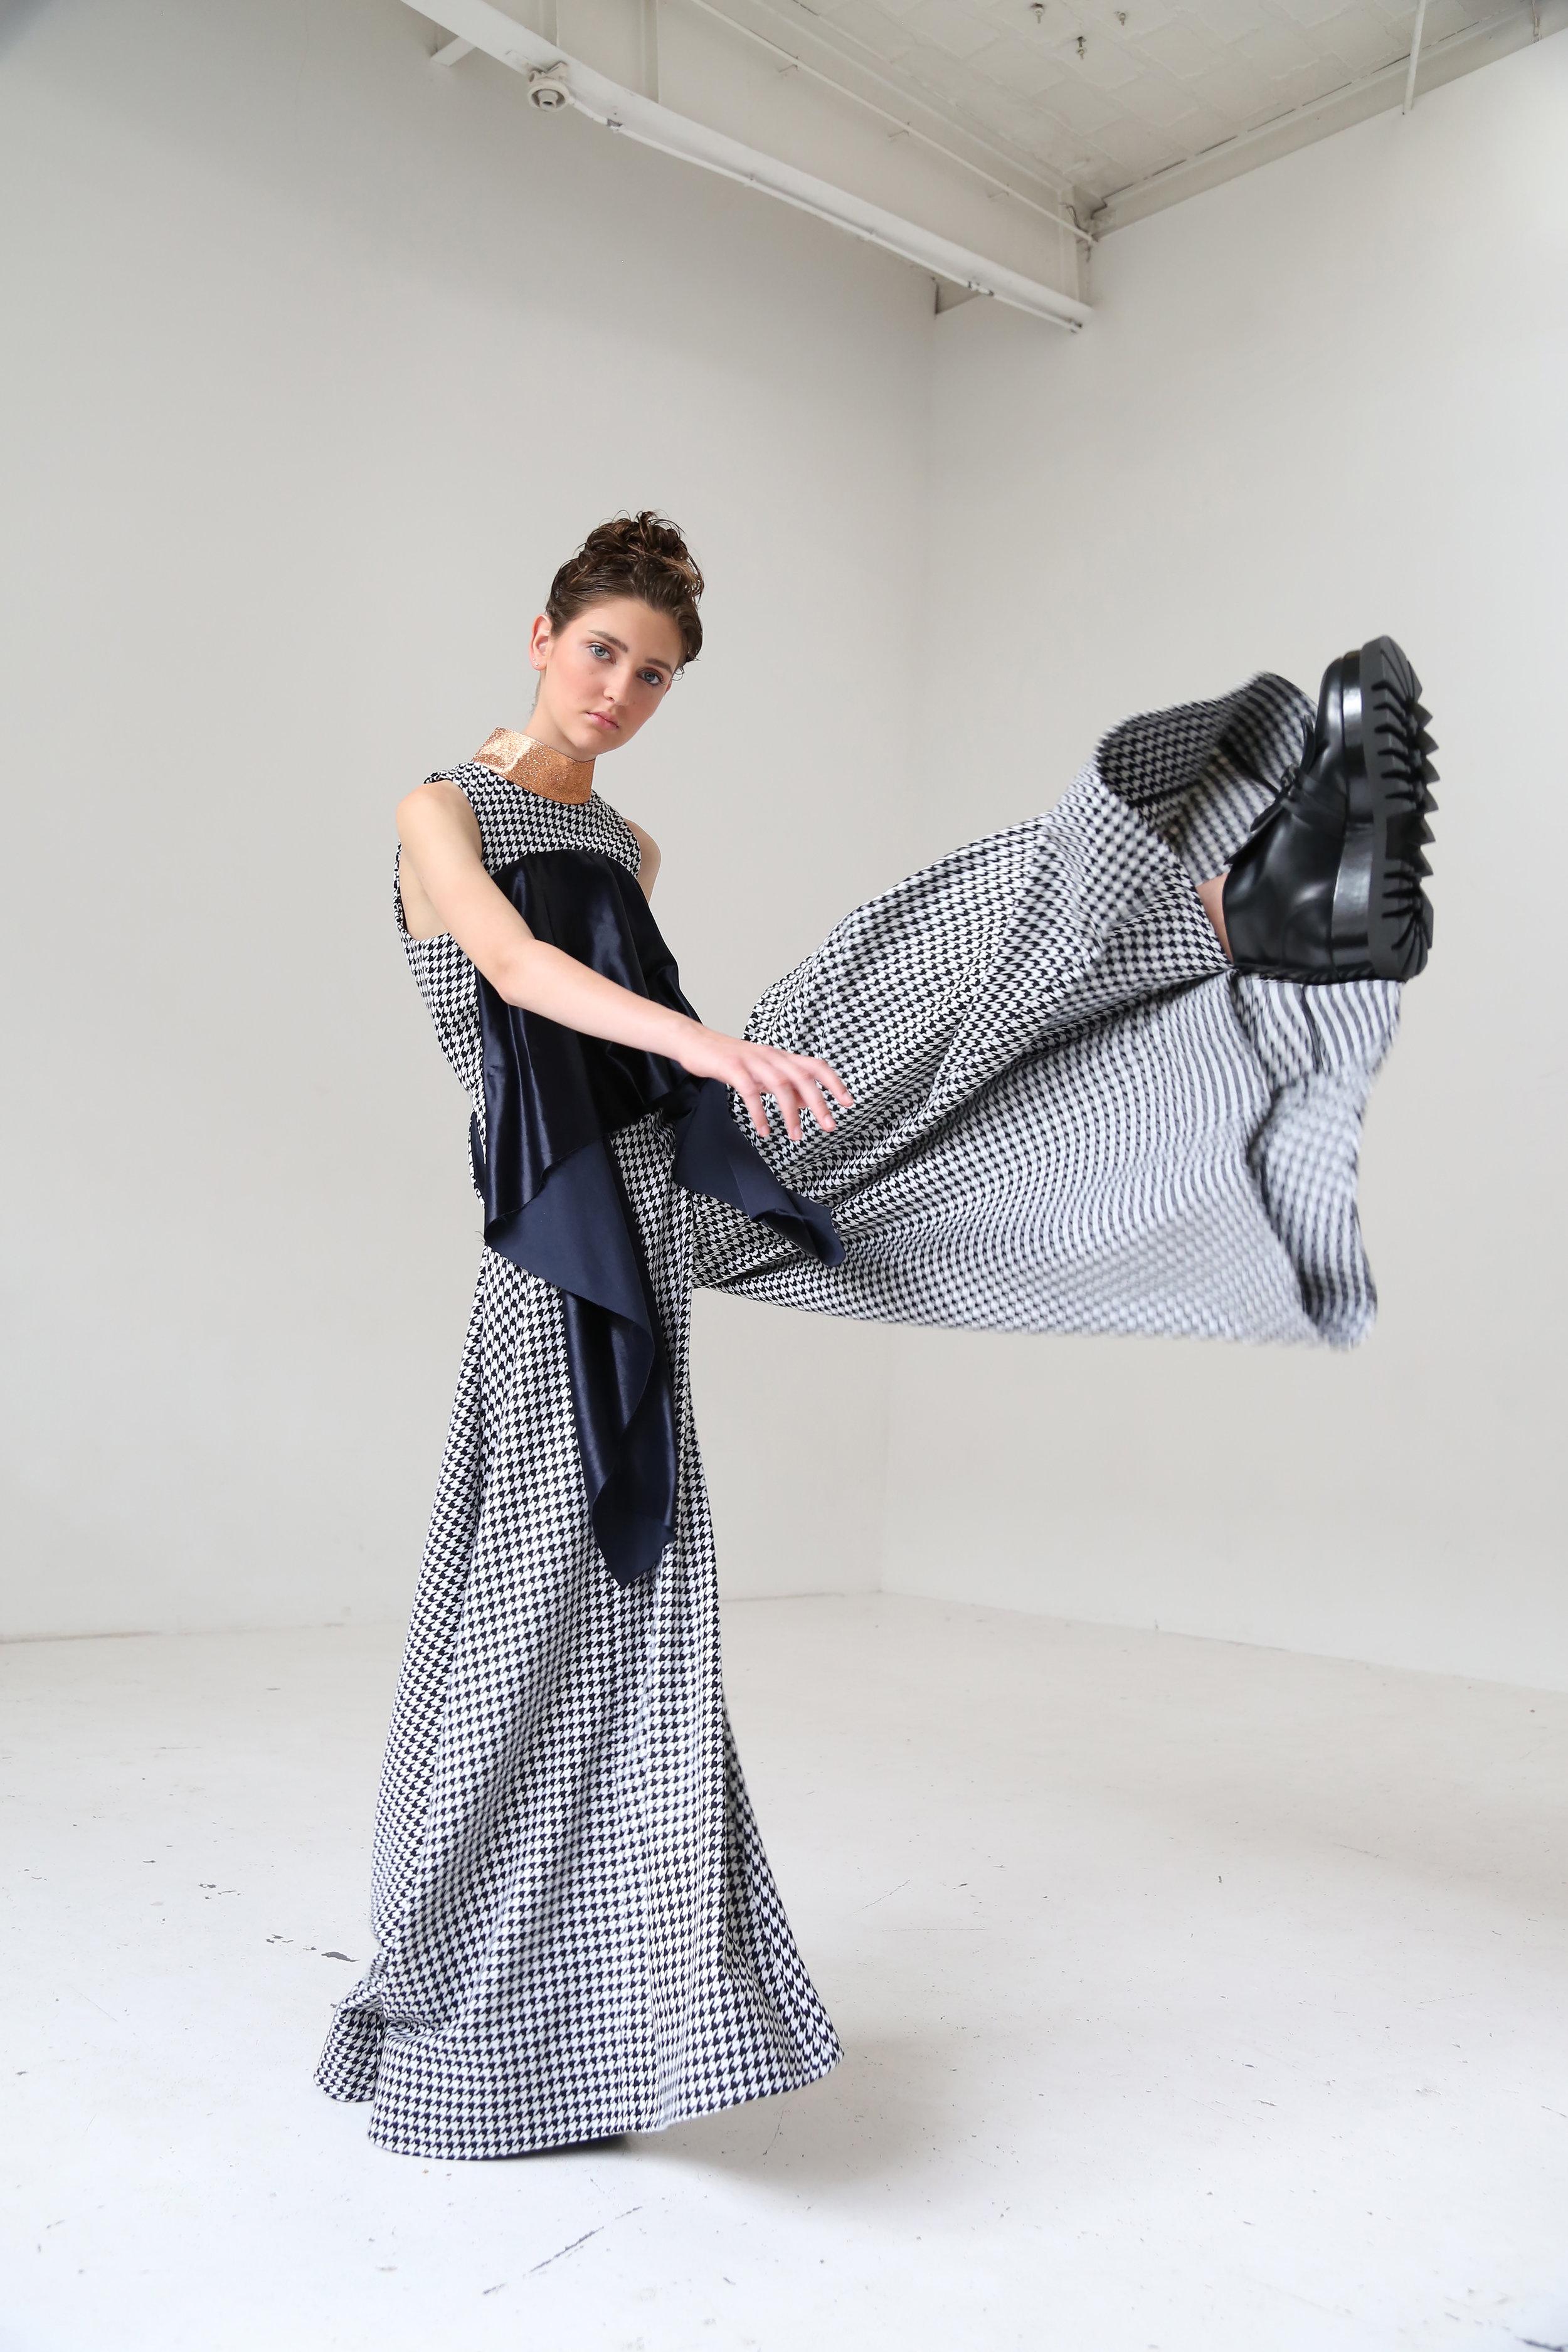 Marlene-Overall-Ebru-Berkiden-Fashion.jpg